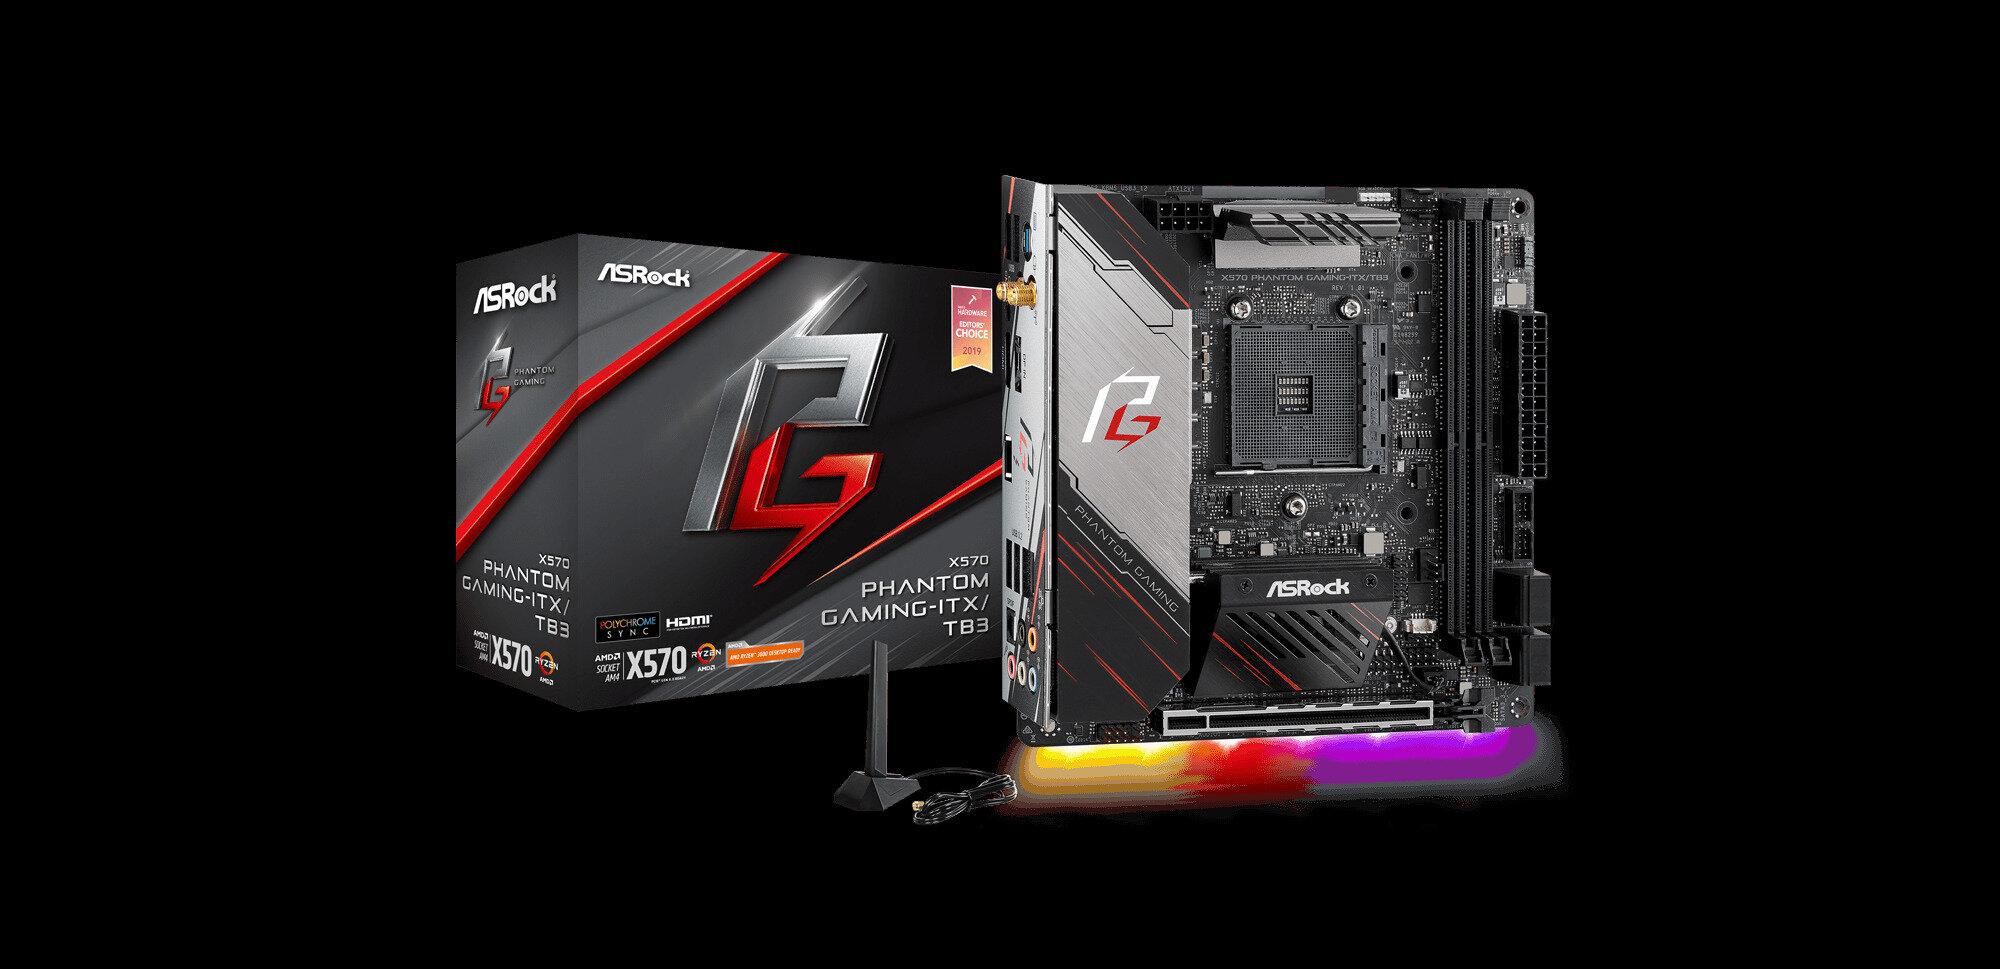 X570 Phantom Gaming-ITX/TB3 d'ASRock : une carte mère pour AMD avec certification Thunderbolt 3